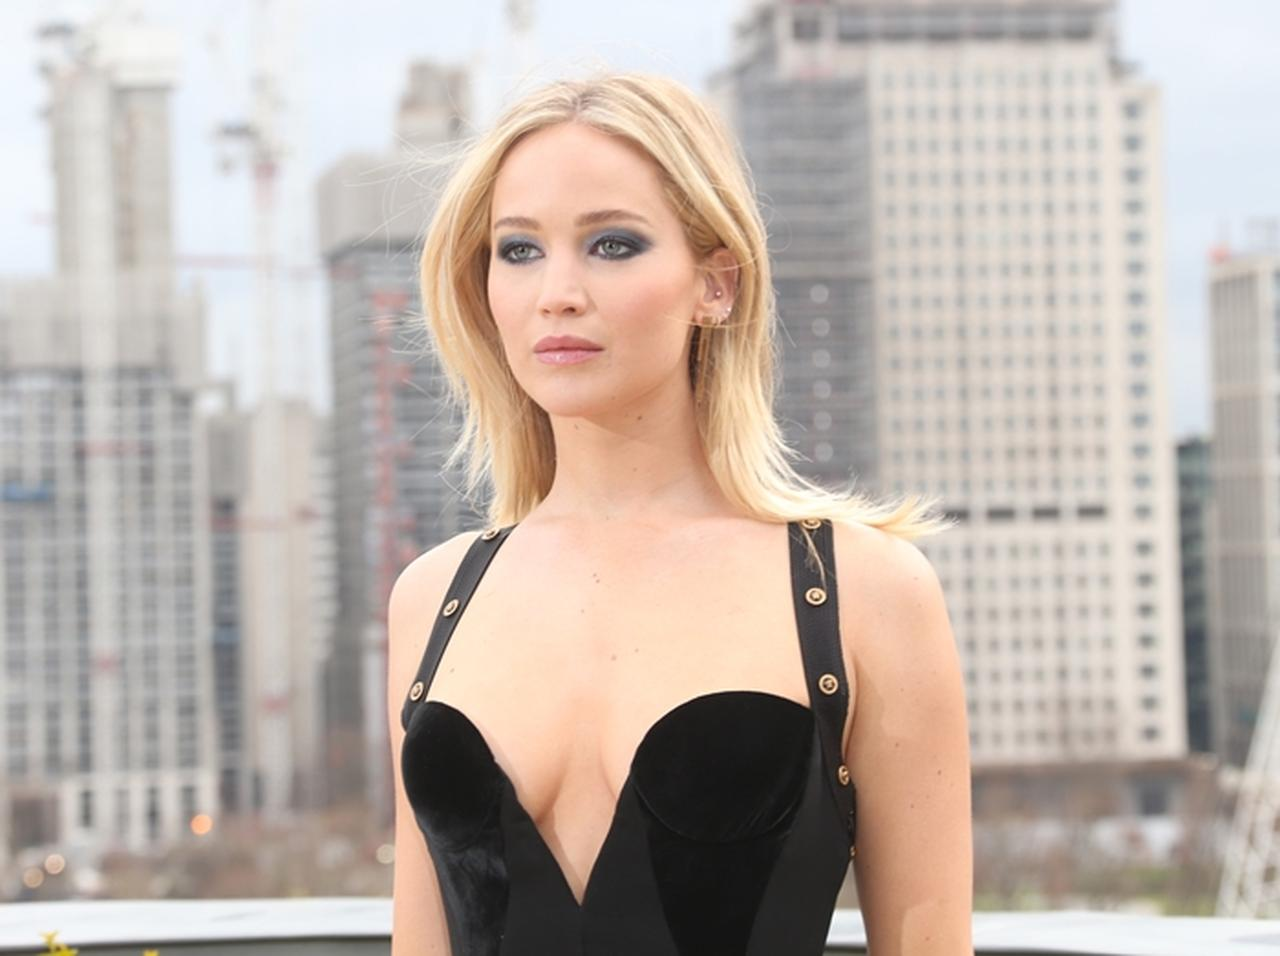 ジェニファー・ローレンス黒いドレス